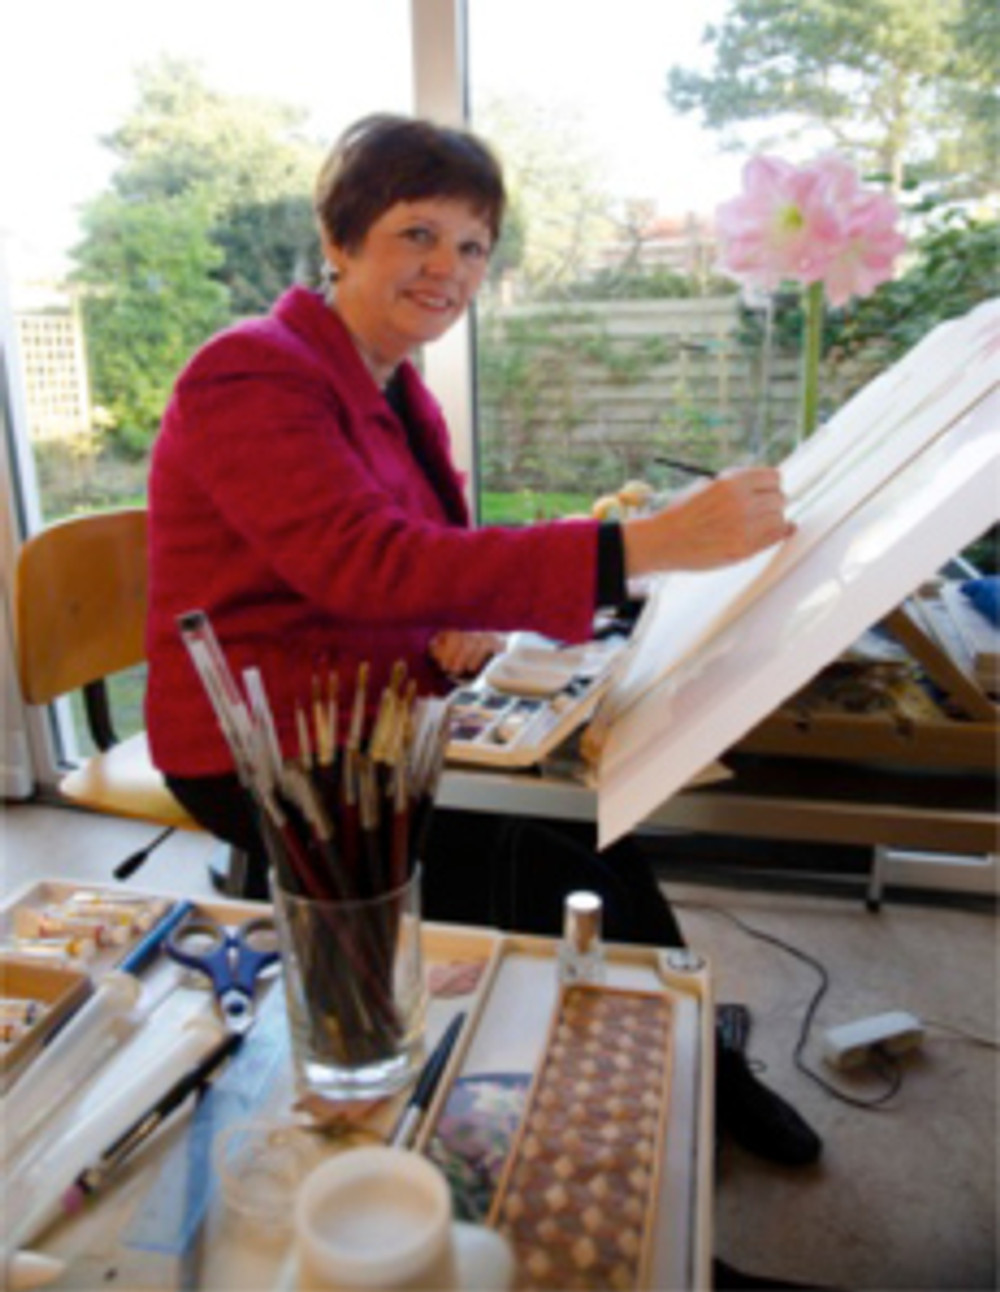 Anita Walsmit Sachs in her studio.